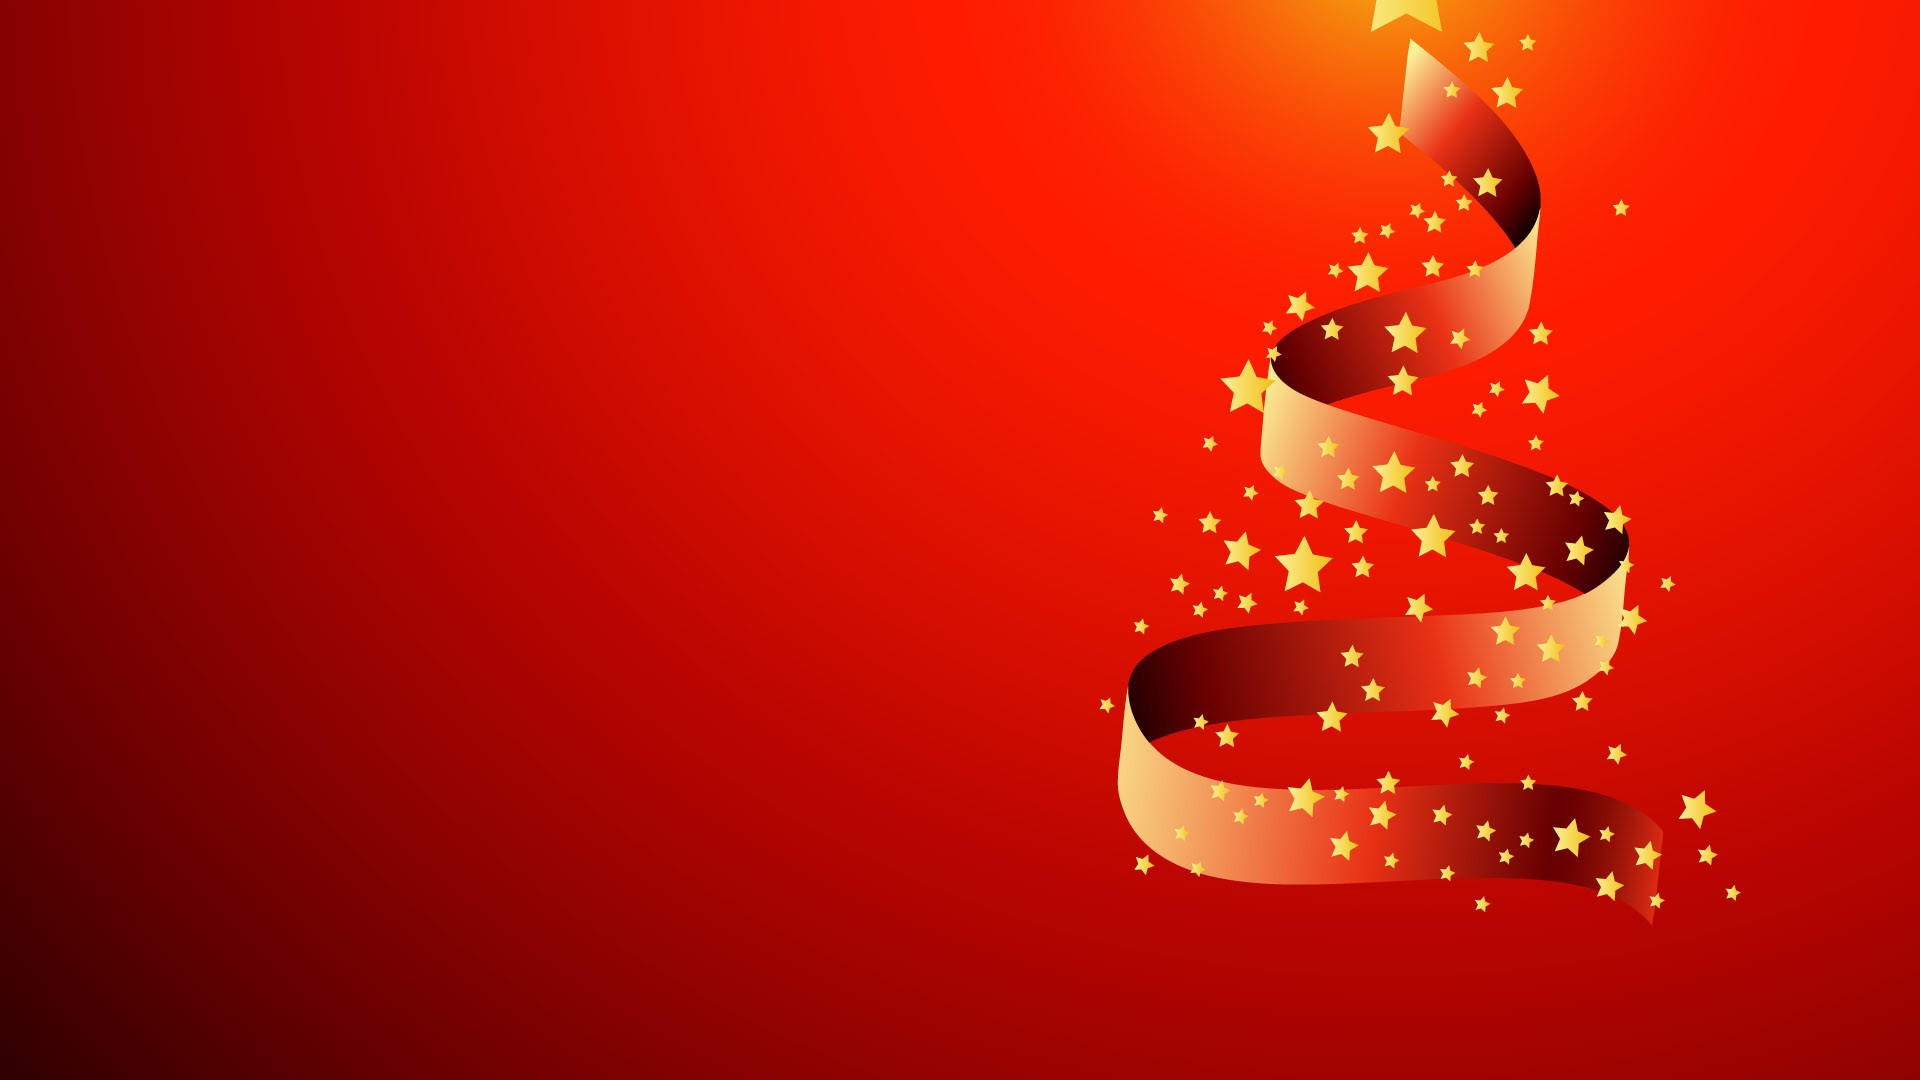 절묘한 크리스마스 테마 바탕 화면의 HD #3 - 1920x1080 배경 화면 다운로드 - 절묘한 ... Hd Wallpaper 1920x1080